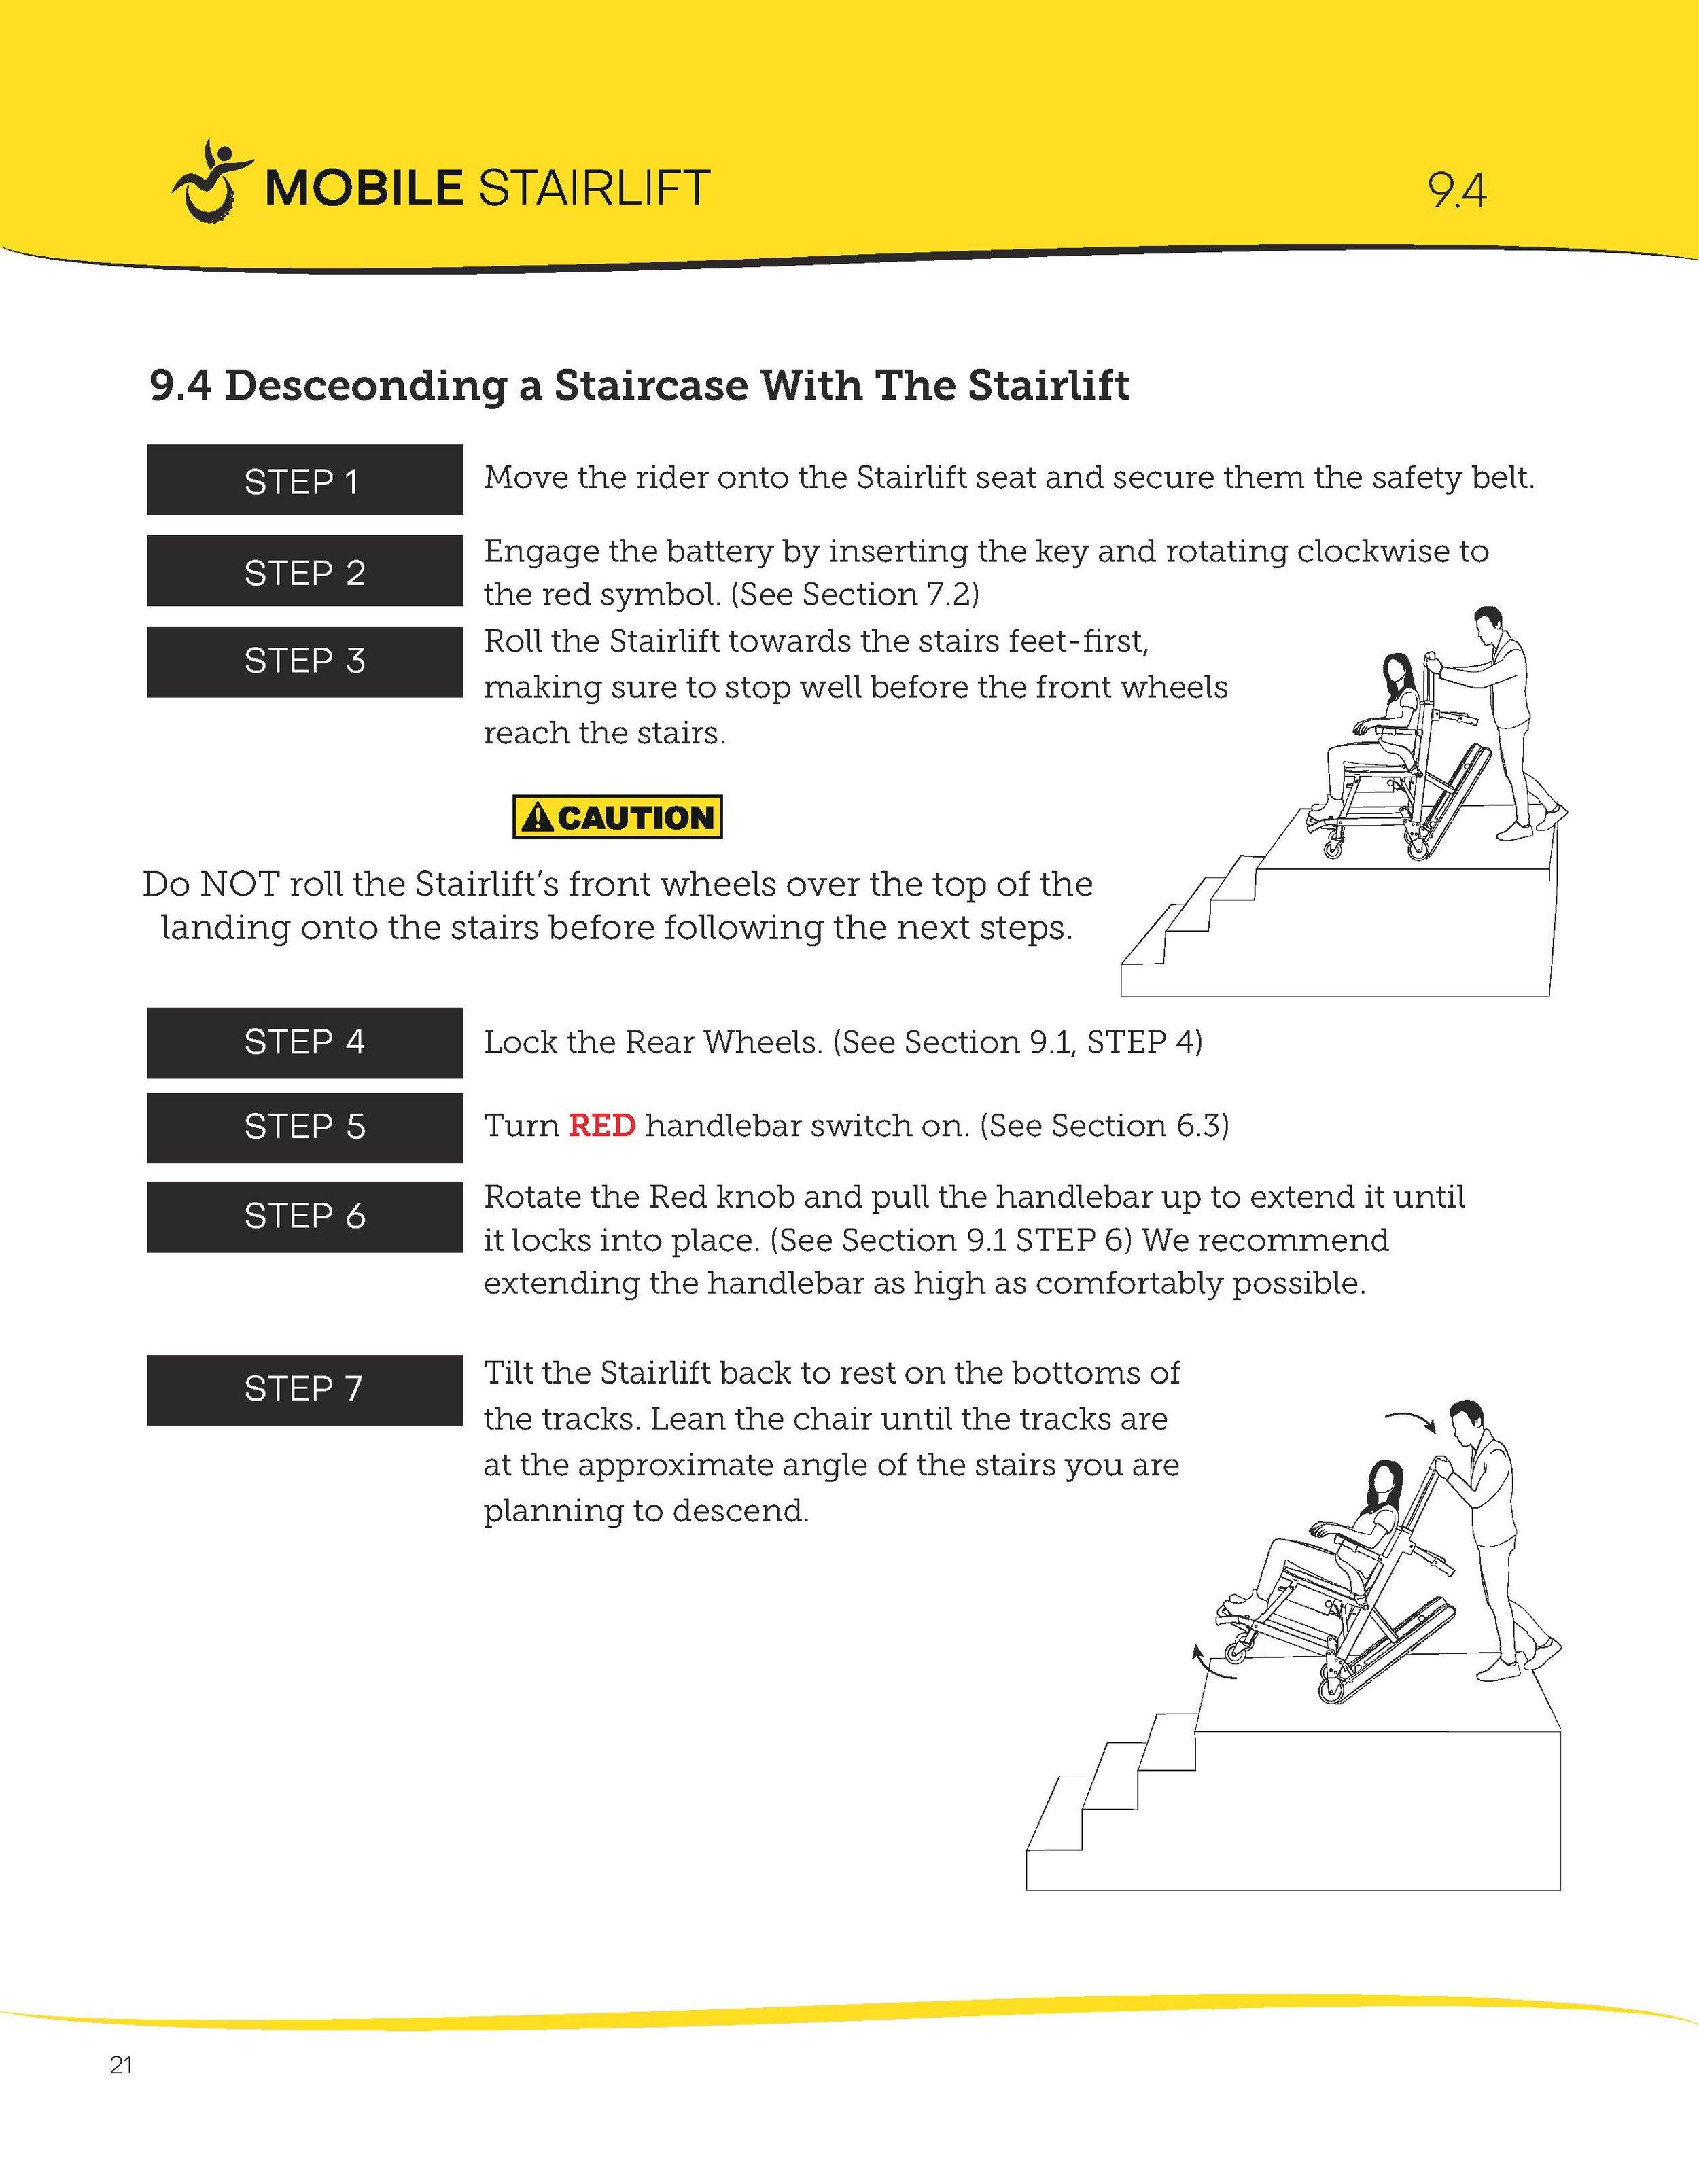 Mobile Stairlift Instruction Manual-22.jpg